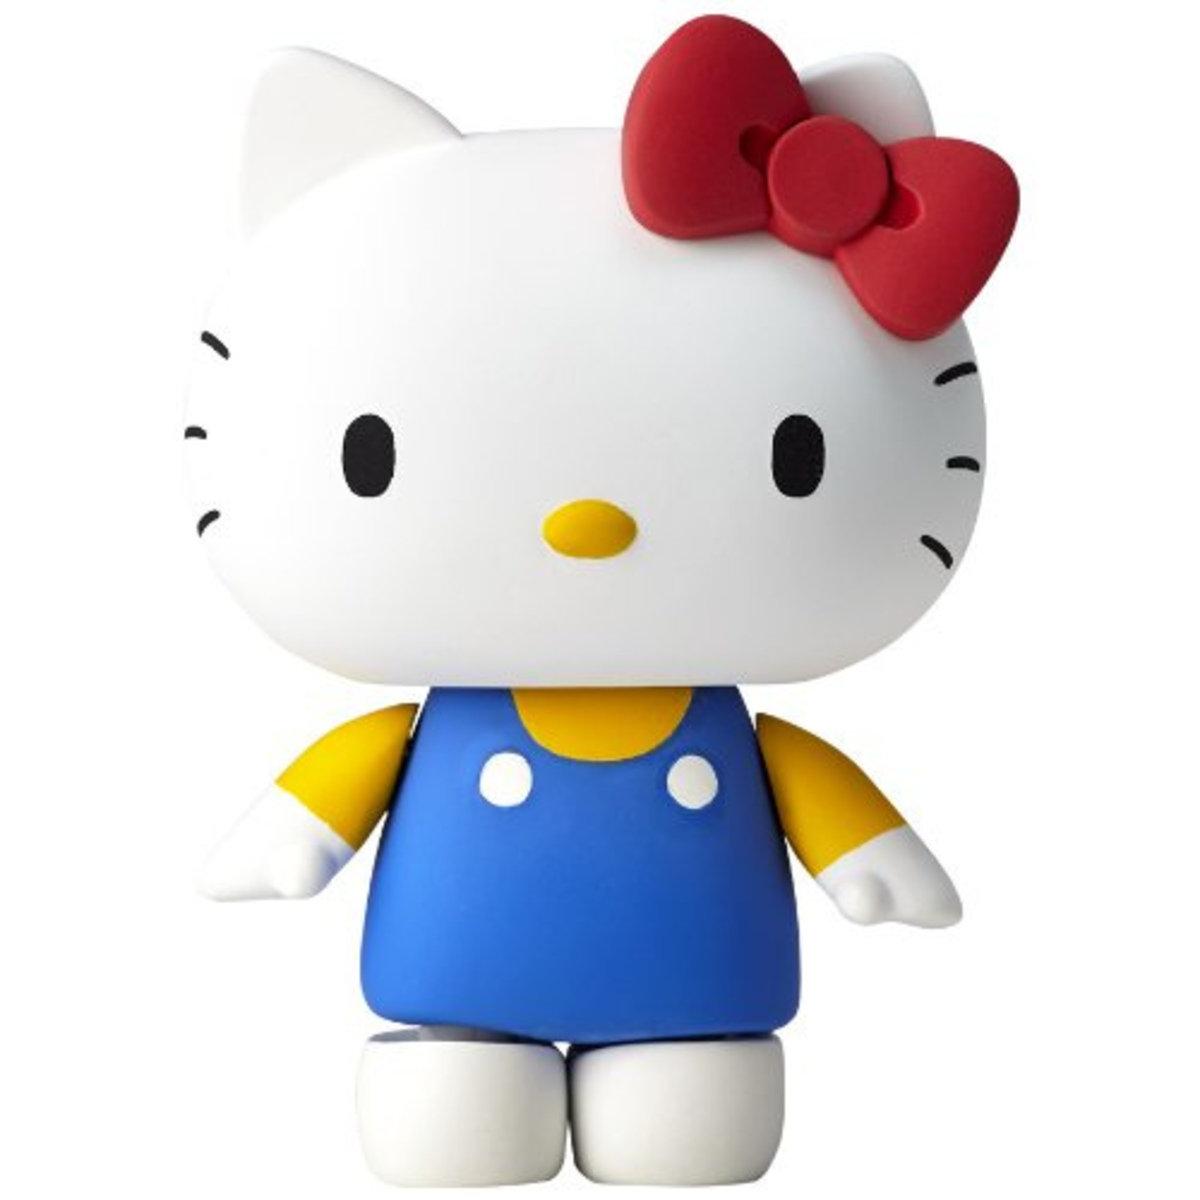 海洋堂 山口式 輪轉可動 Hello Kitty